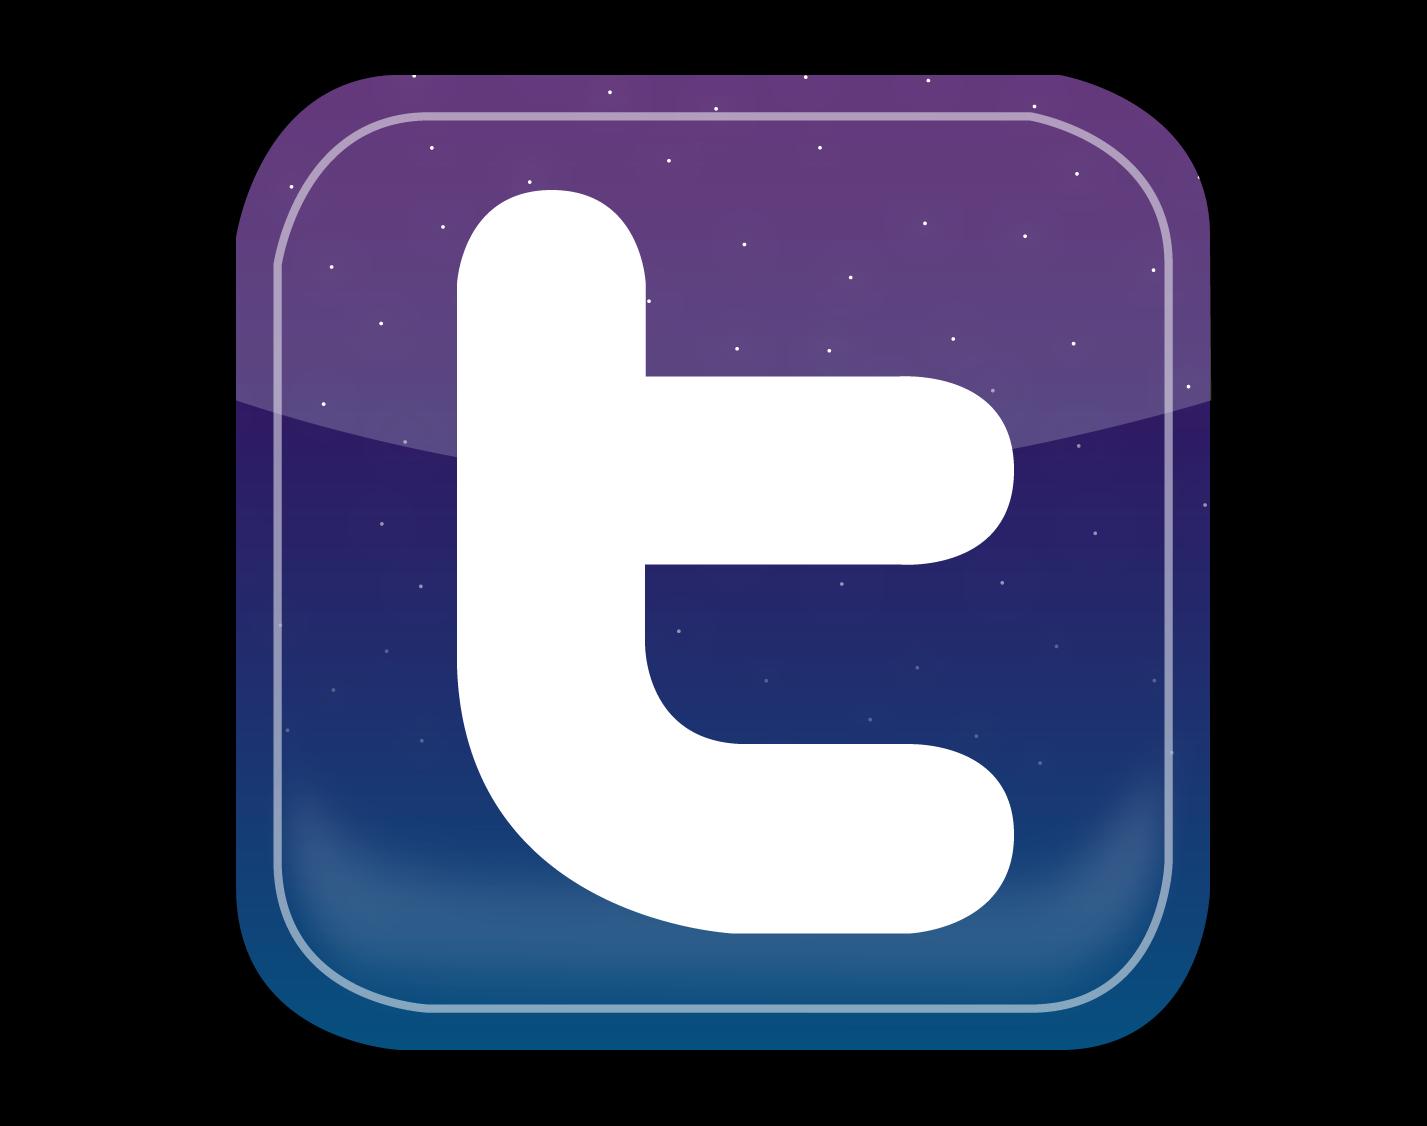 Twitter Logo | Best Logos: willsheehan.blogspot.com/2014/01/twitter-logo.html